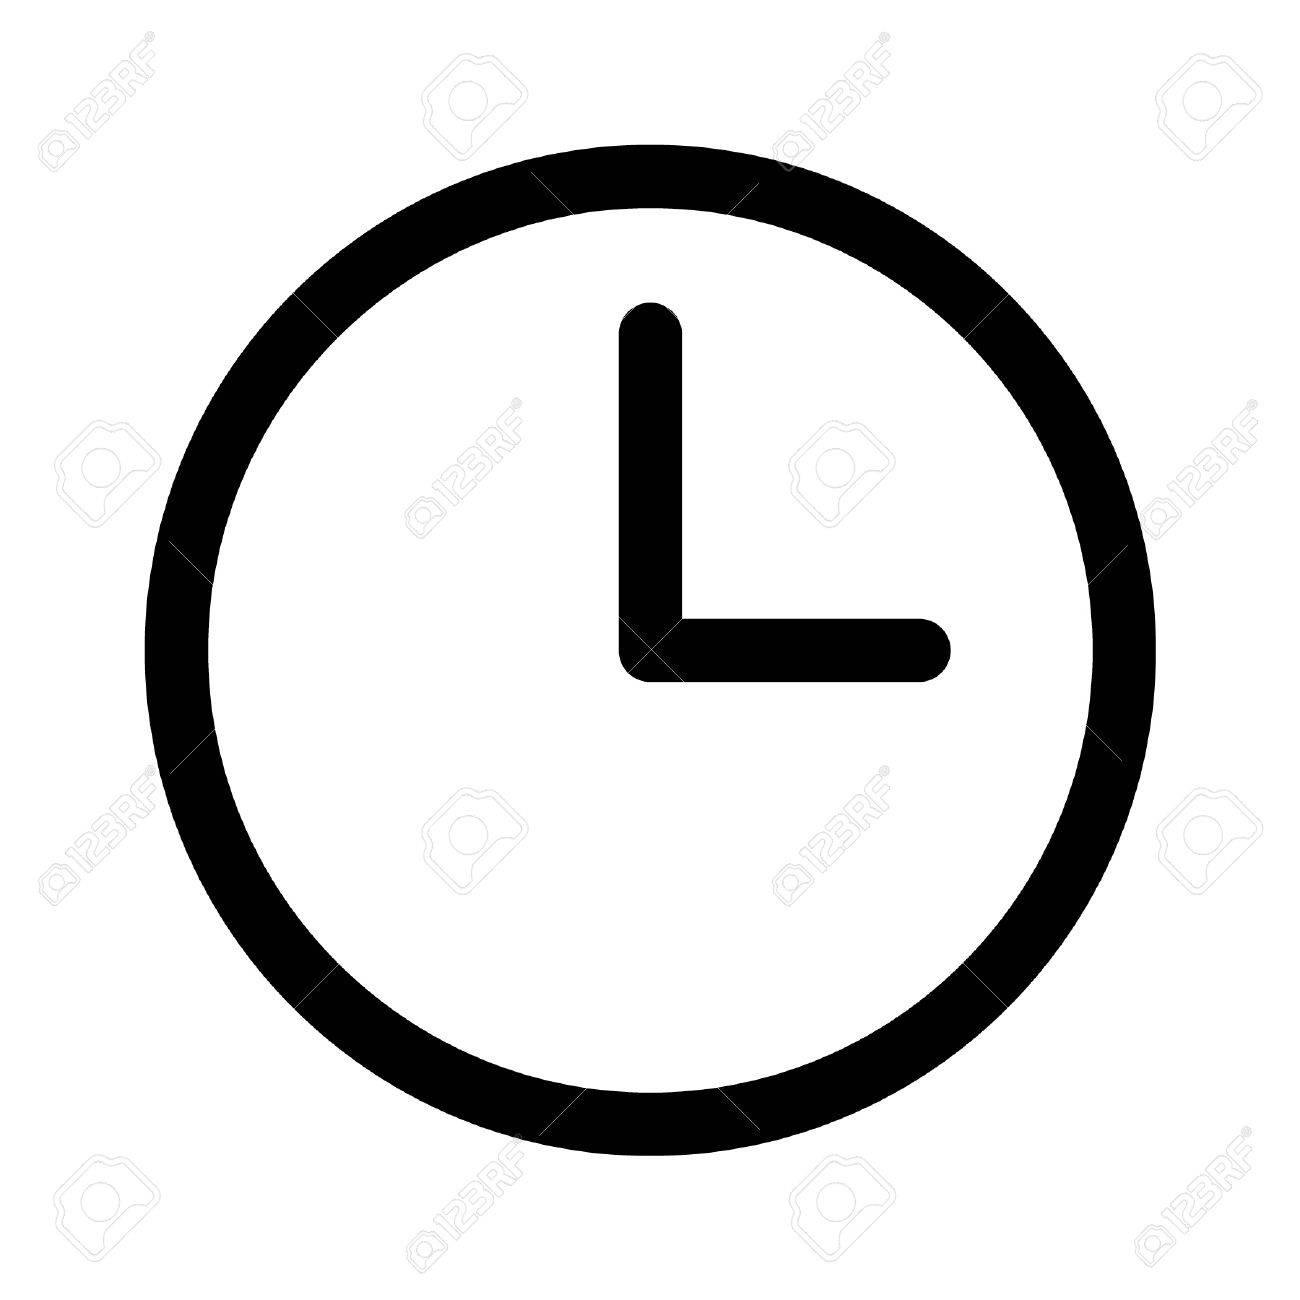 Horloge Et Ligne De Montres Icône De L'art Pour Les Applications Et Sites  Web Clip Art Libres De Droits , Vecteurs Et Illustration. Image 42620746.